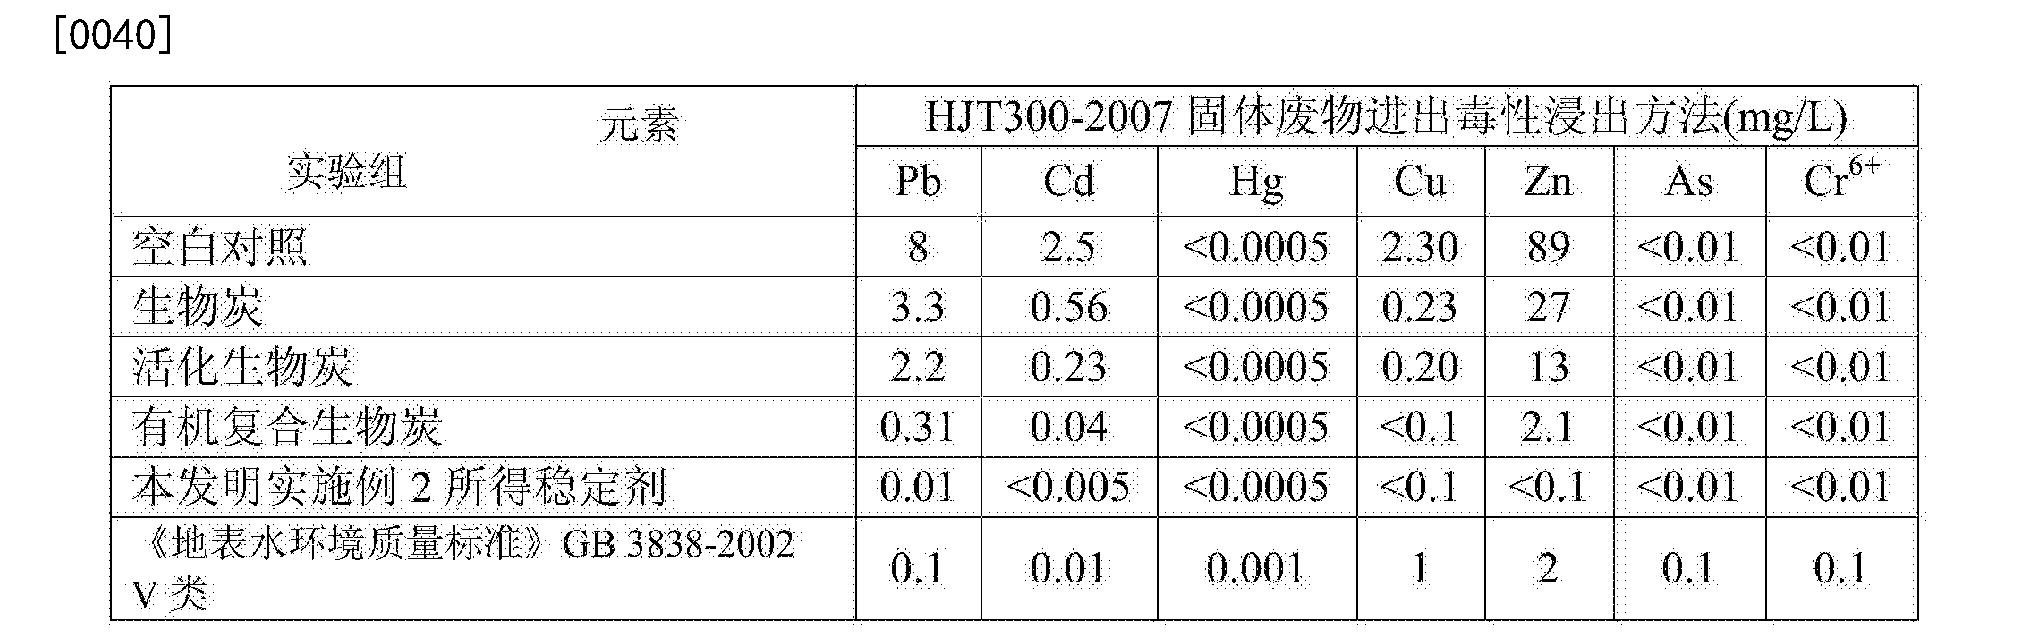 Figure CN104592999BD00052